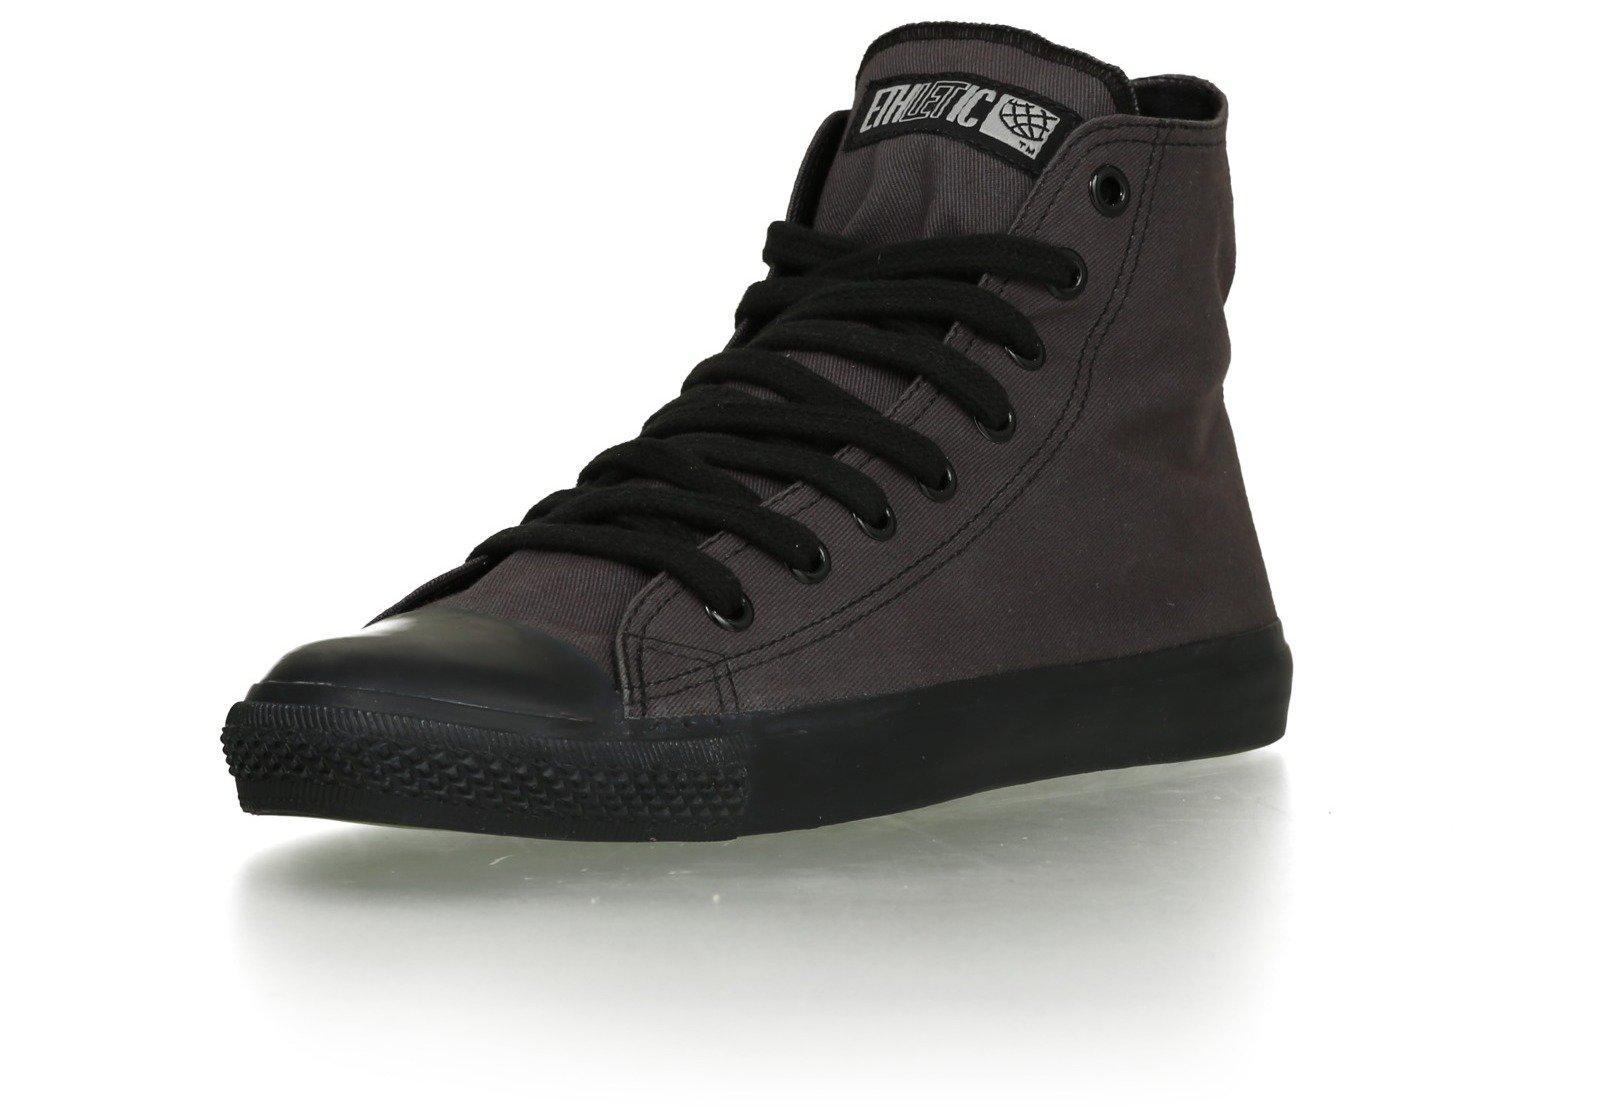 Sneaker aus nachhaltiger Produktion »Classic«, schwarz, Jet Black Ethletic